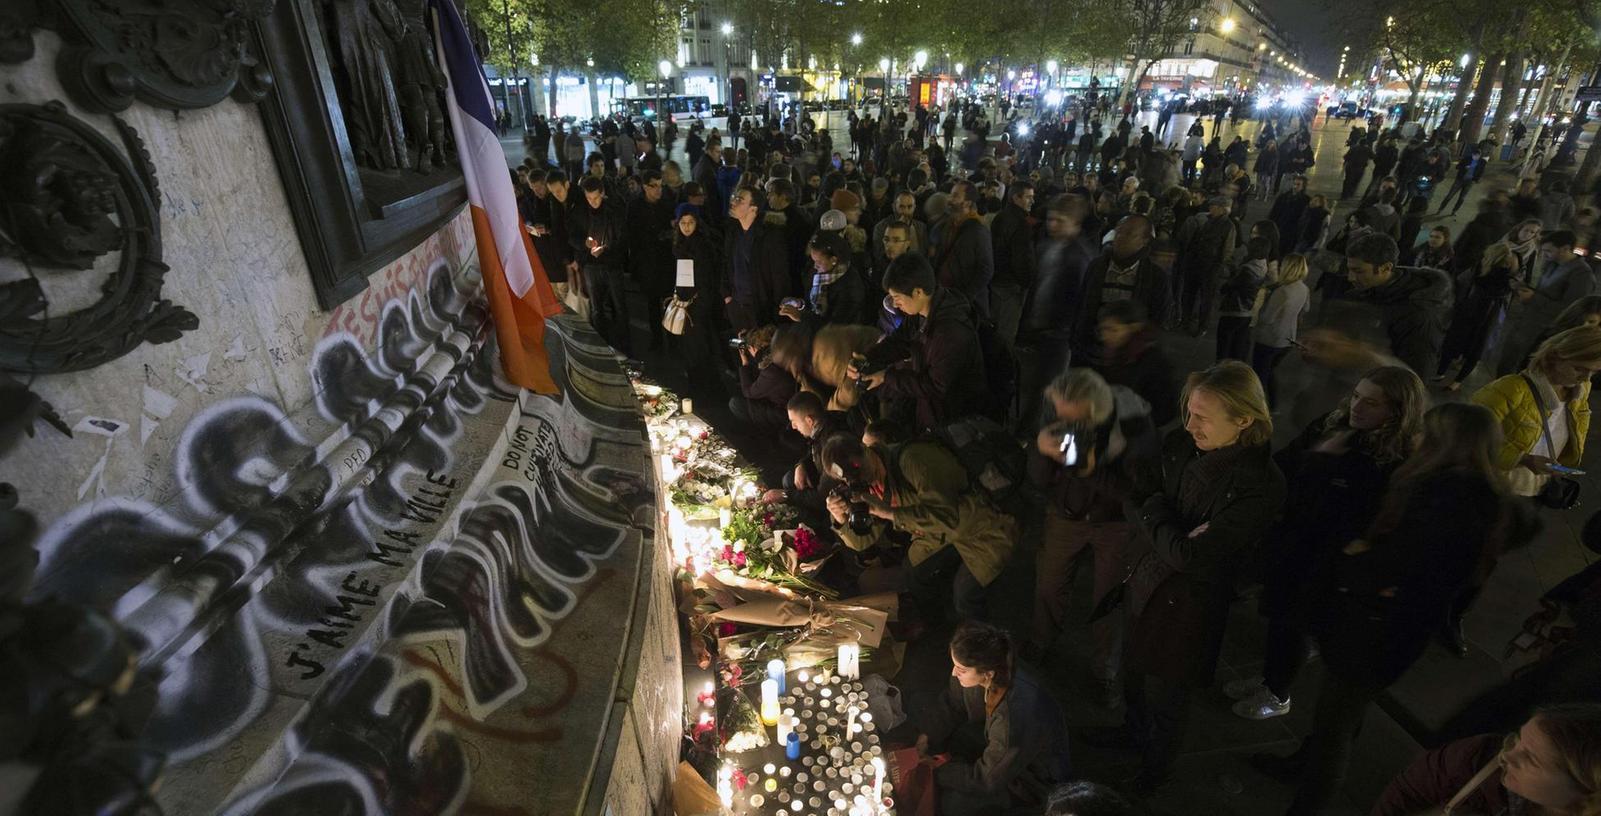 Zahlreiche Menschen stellen am Pariser Platz der Republik Kerzen auf und legen Blumen nieder, um ihrer Trauer Ausdruck zu verleihen.